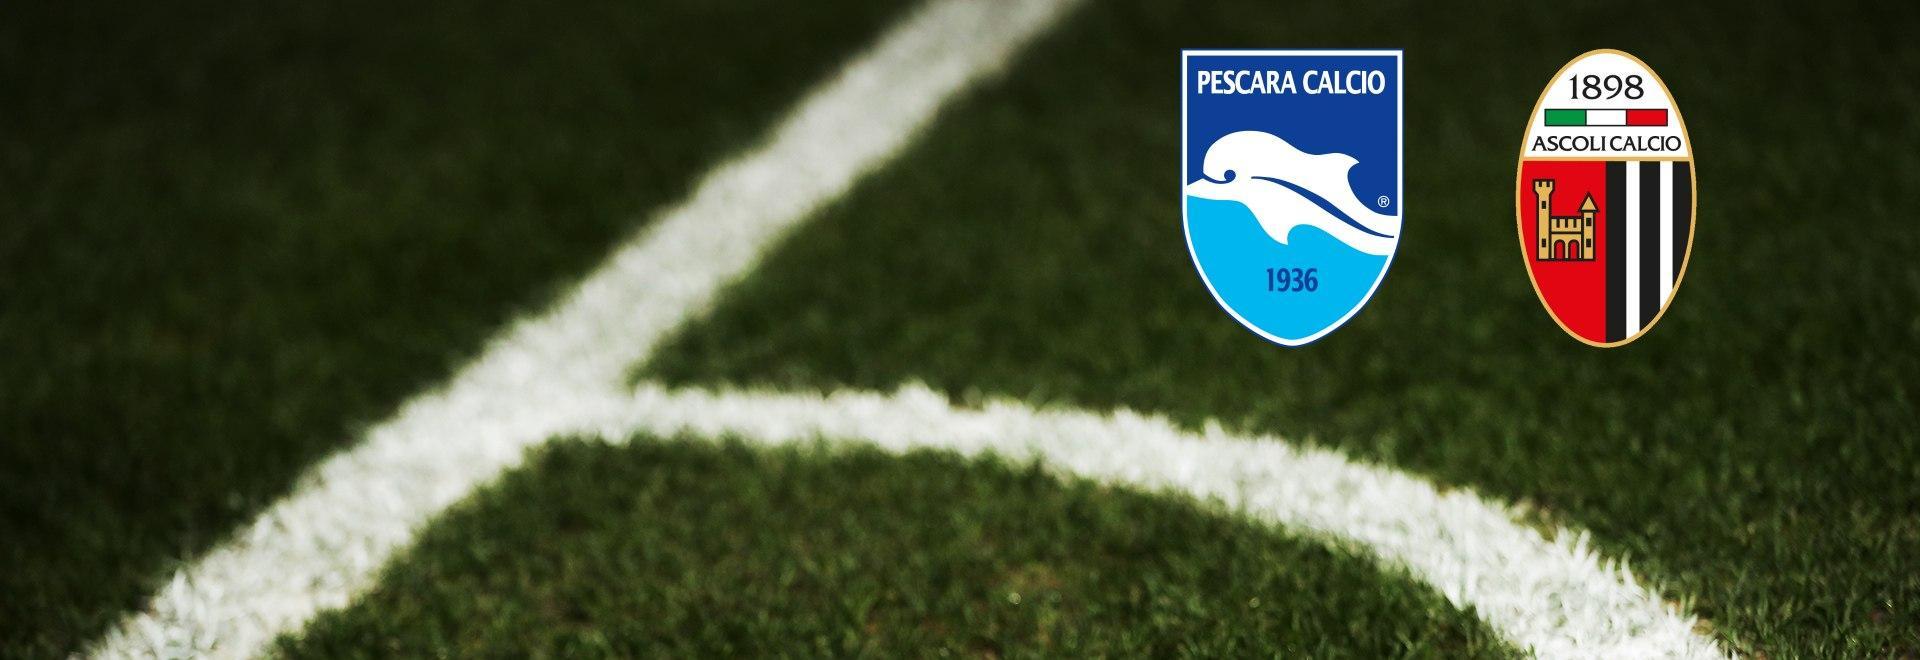 Pescara - Ascoli. 26a g.